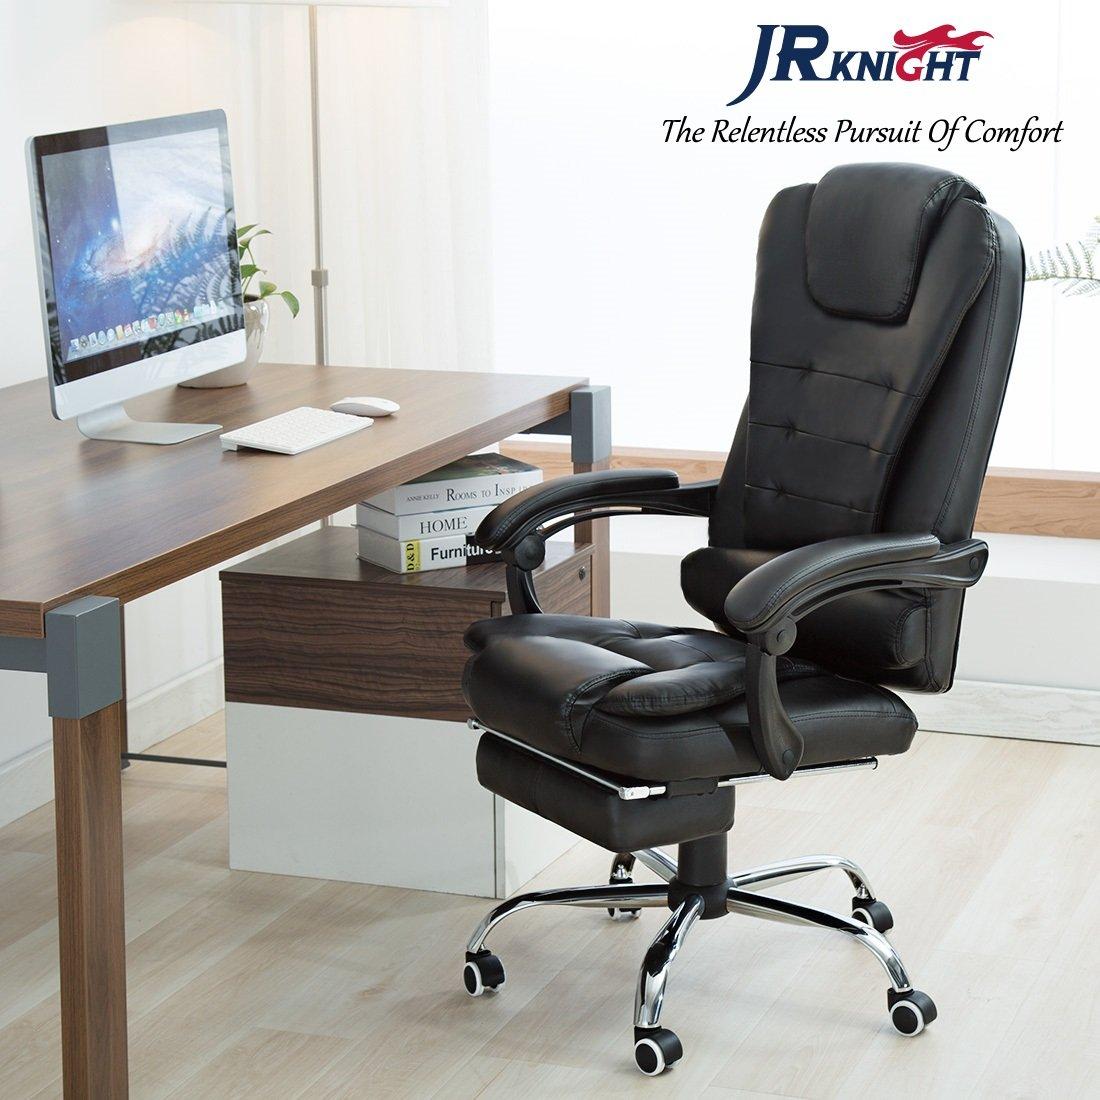 Silla gaming JR Knight LC-05BK ergonómica, giratoria, racing, para casa u oficina, con un diseño de máxima comodidad, en piel sintética y acolchada con ...